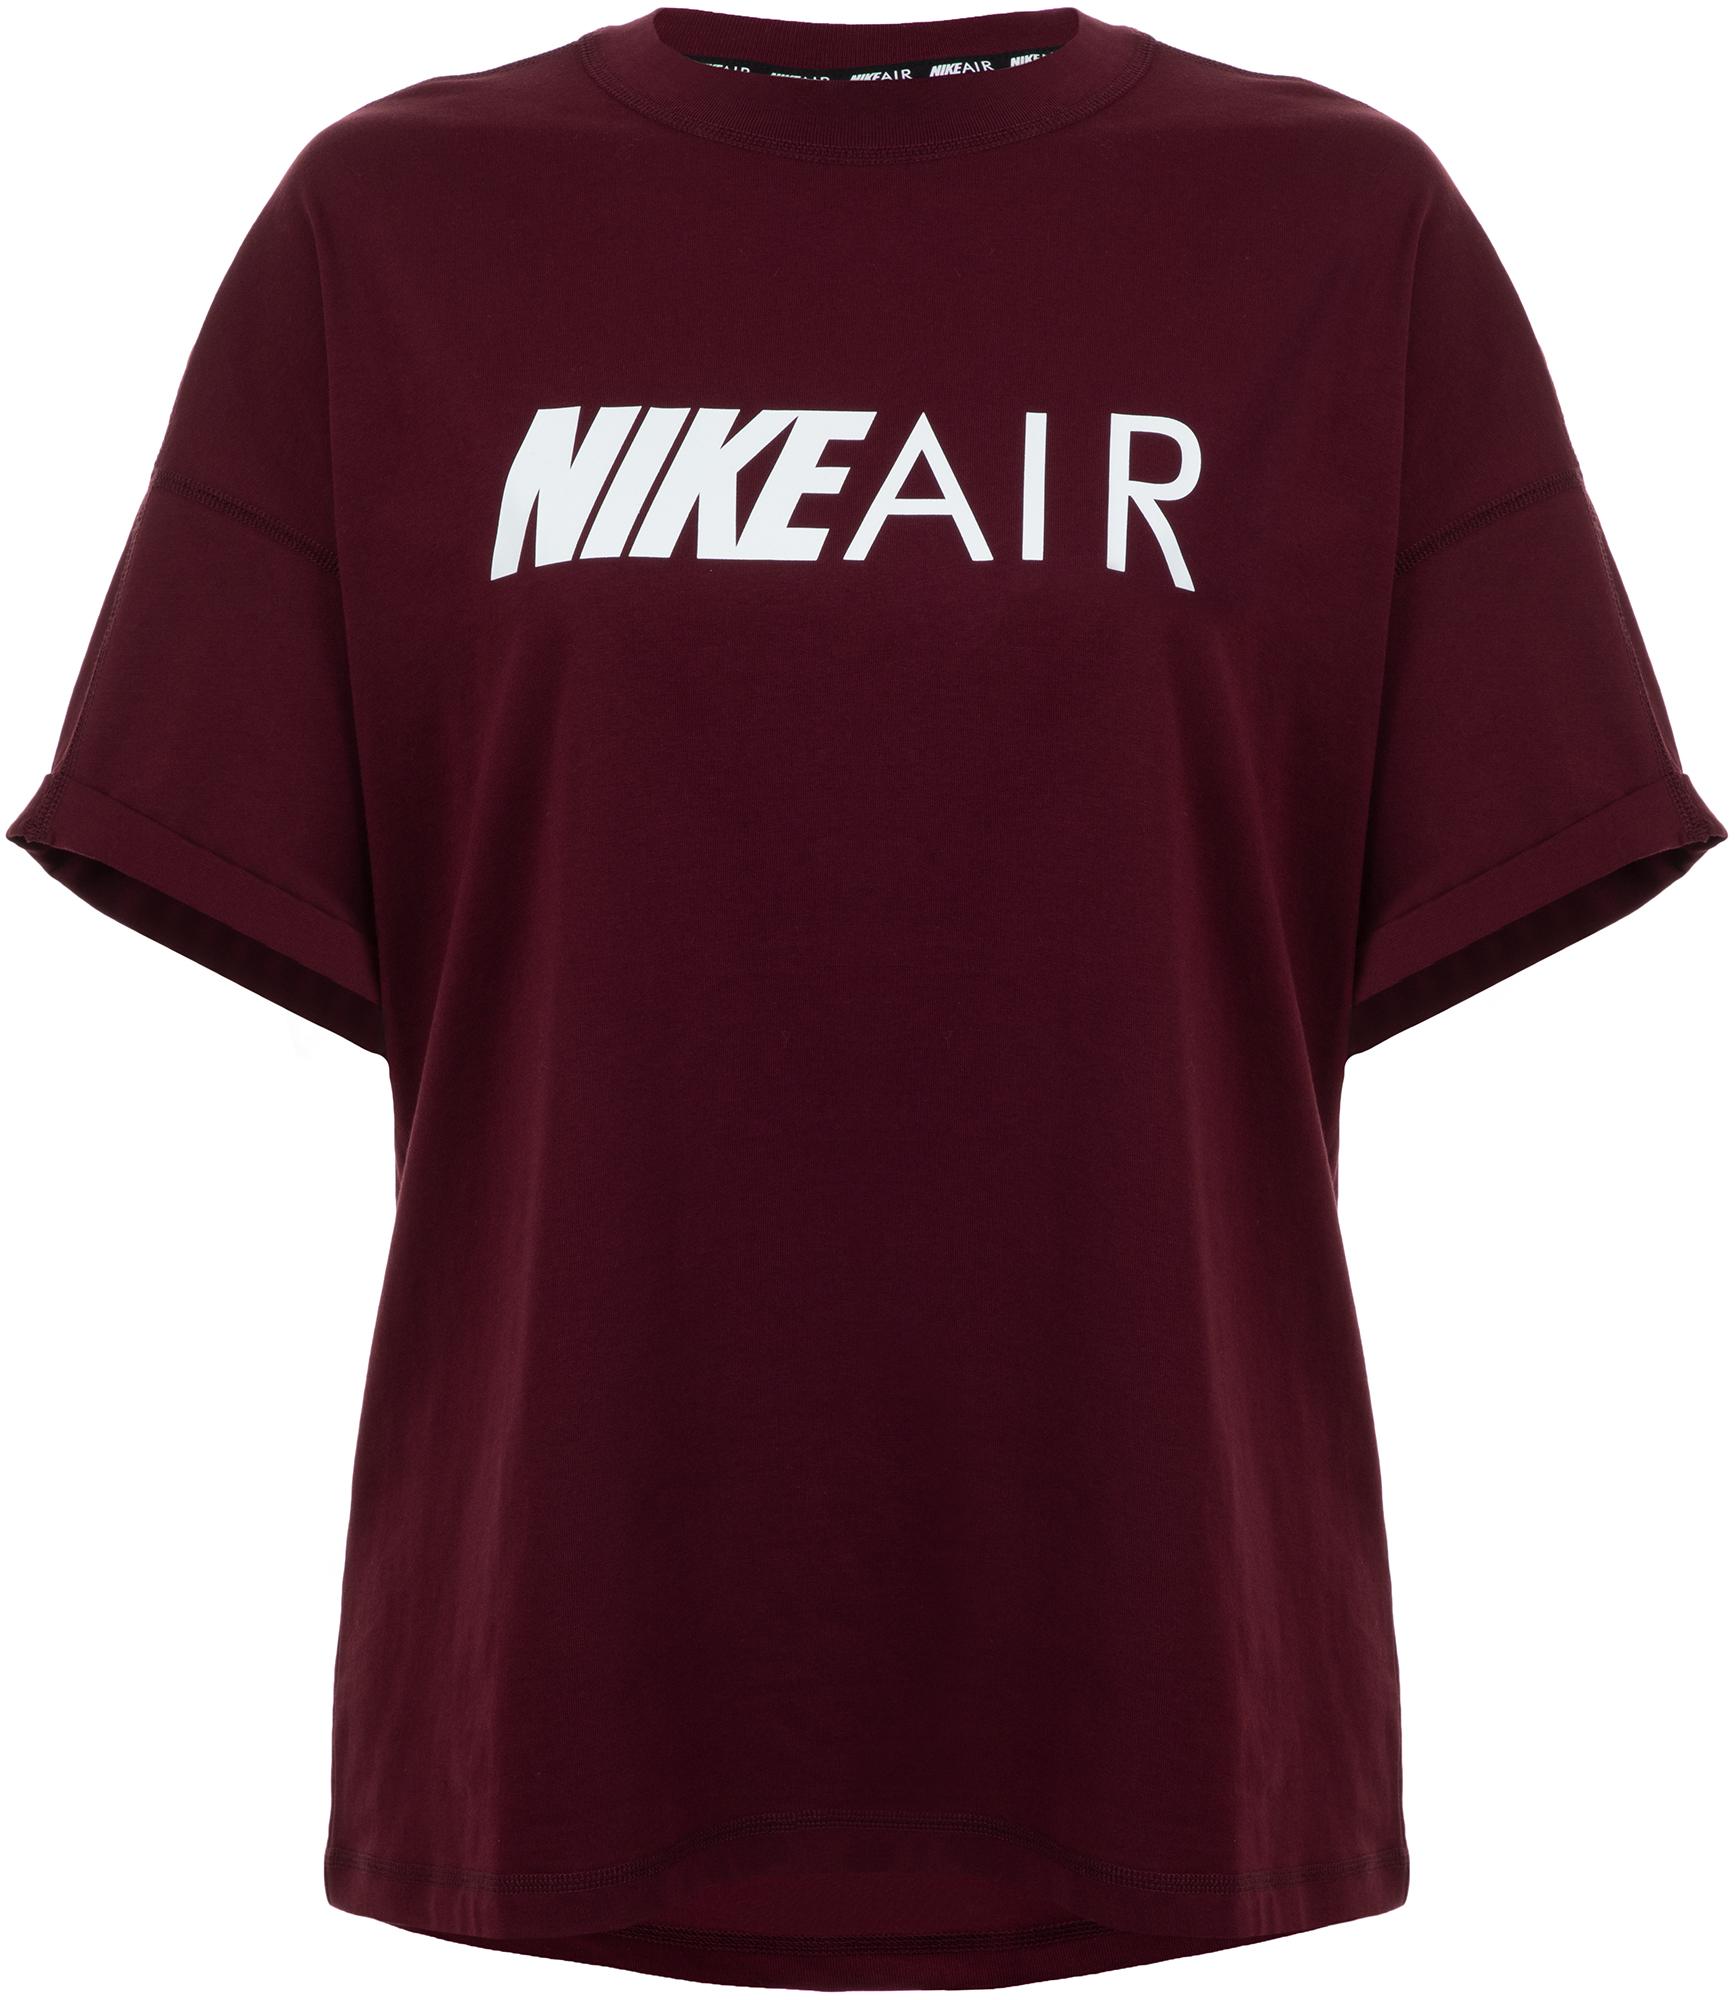 Nike Футболка женская Nike Air, размер 42-44 футболка женская oodji цвет светло серый 14711002 3 46157 2019z размер xs 42